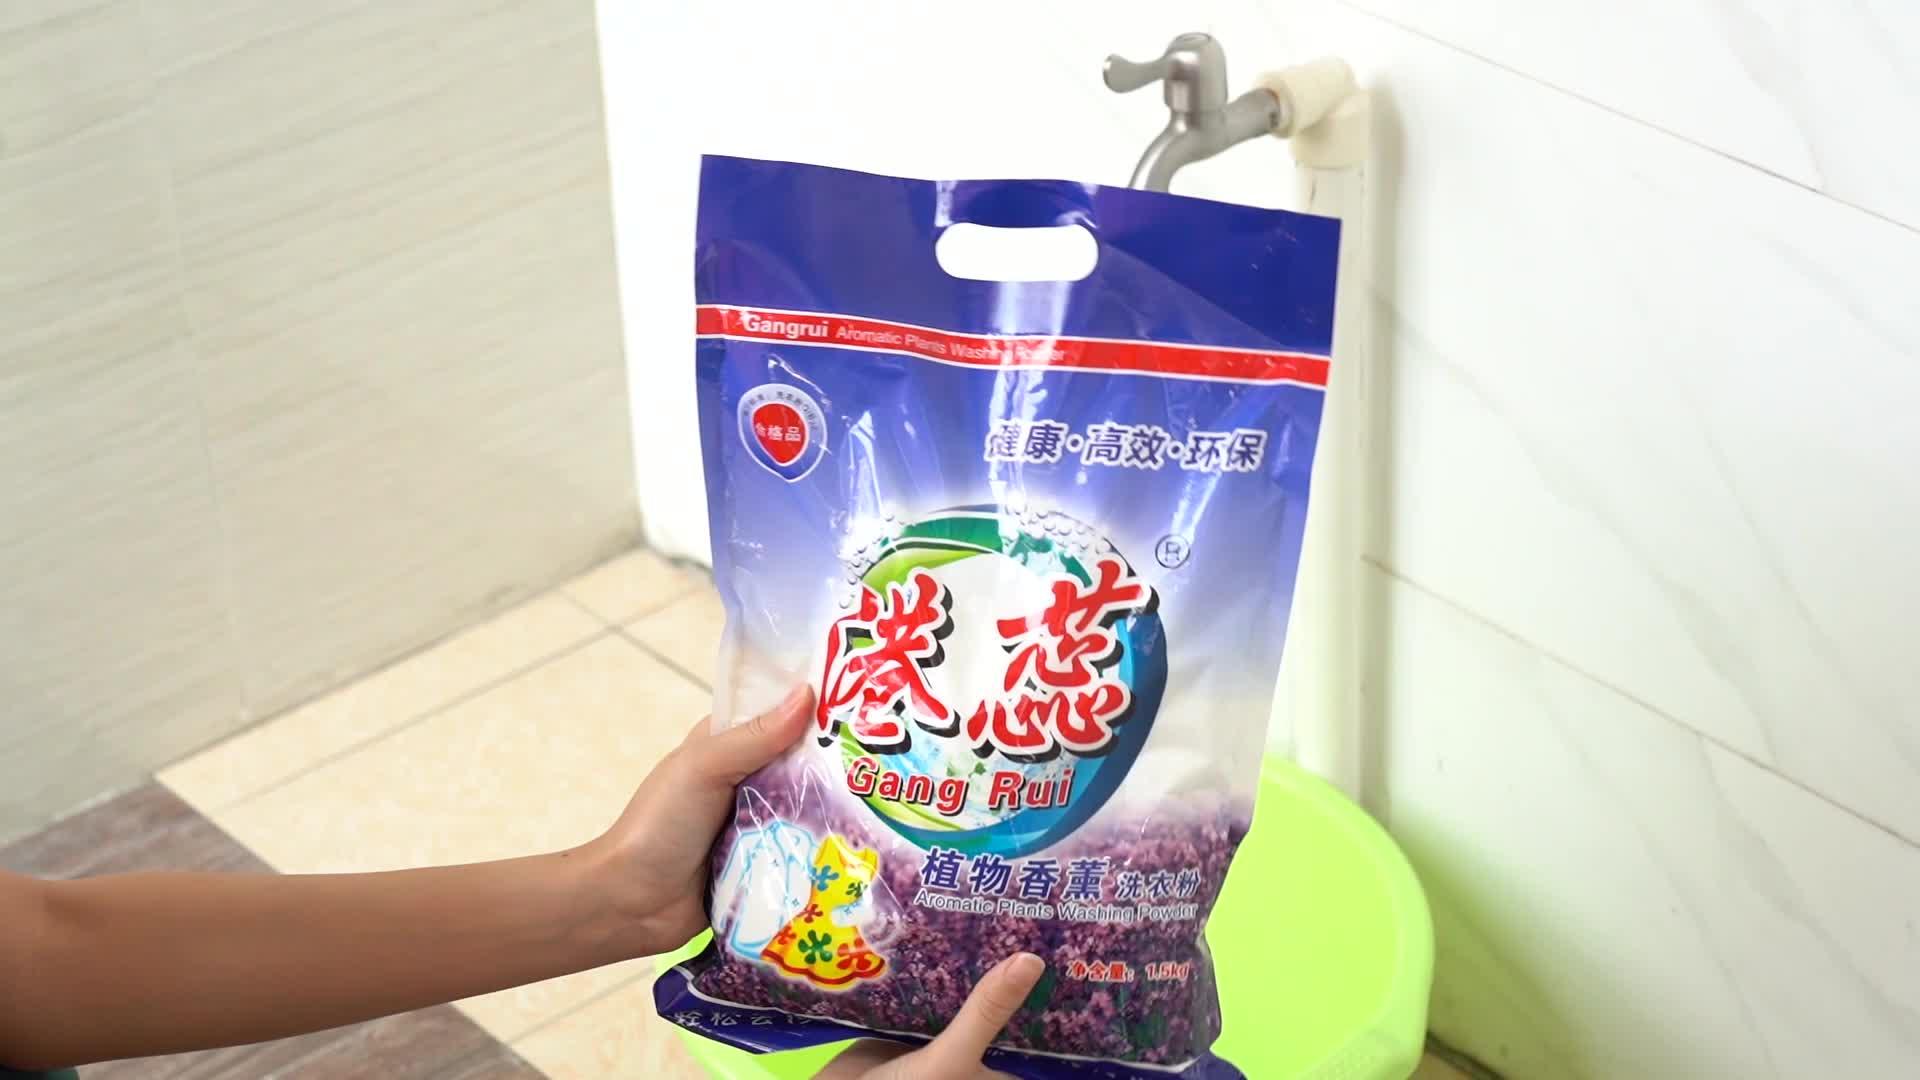 Cina Pabrik Ramah Lingkungan Kain Sabun Cuci Deterjen Bubuk Anti Noda